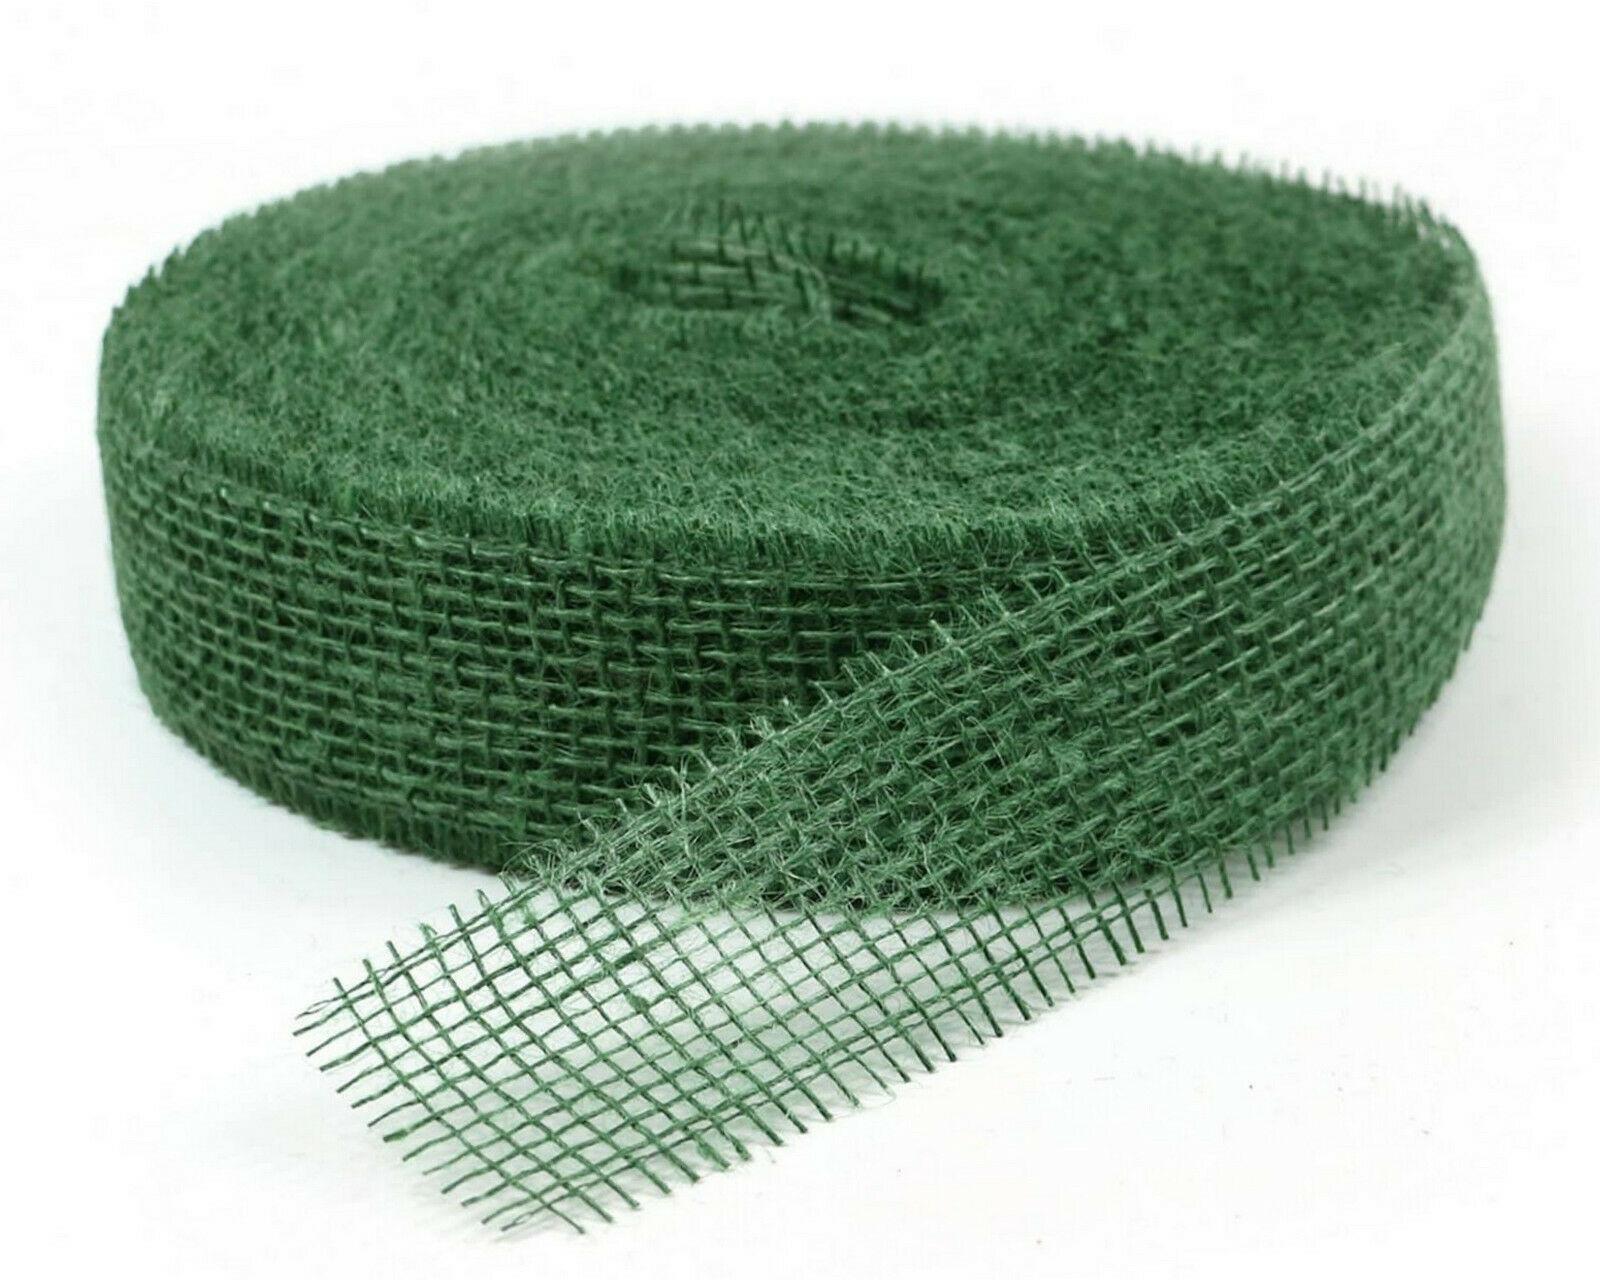 Juteband 40 m x 5 cm Dekoband ab 0,20 €/m Jute Rolle Schleifenband Rupfen Band - dunkelgrün (hart) 40 m